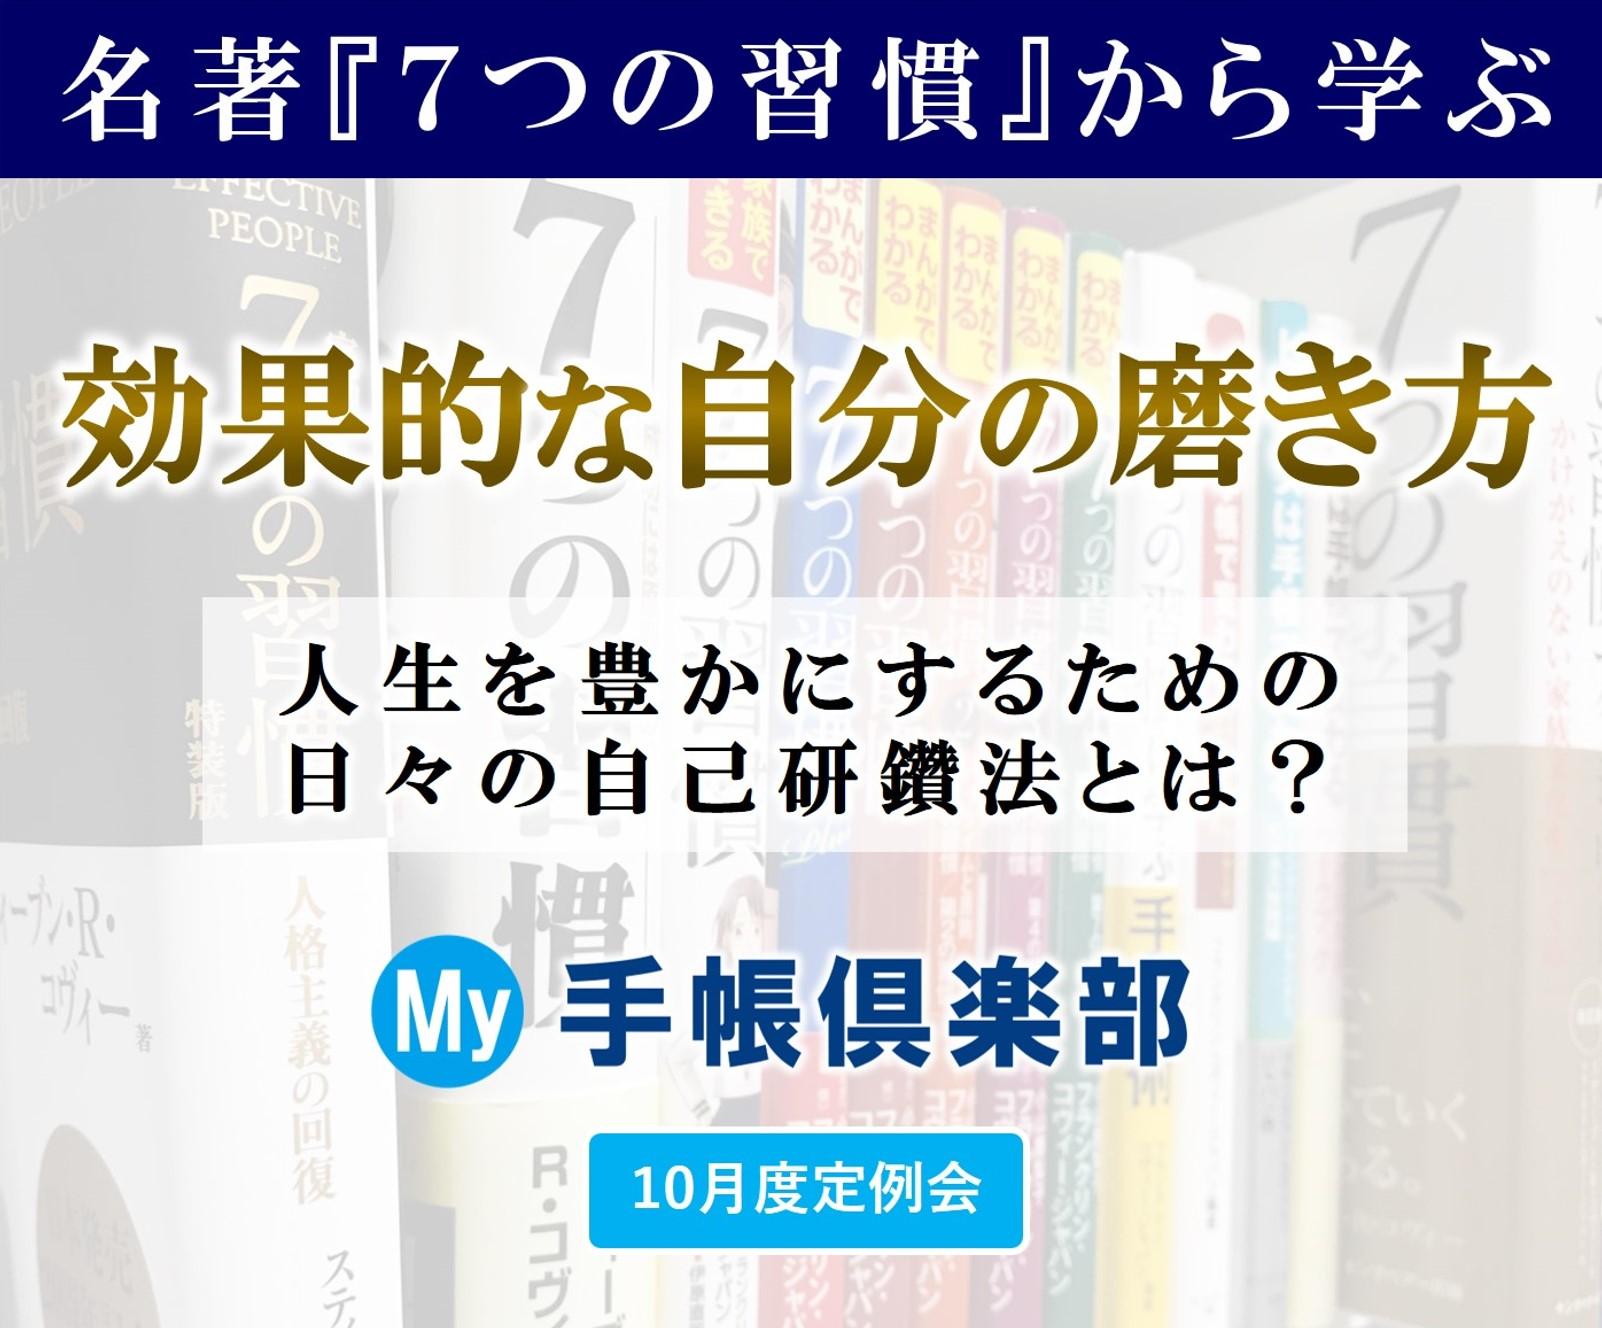 【My手帳倶楽部(10月度定例会)】名著『7つの習慣』に学ぶ効果的な自分の磨き方